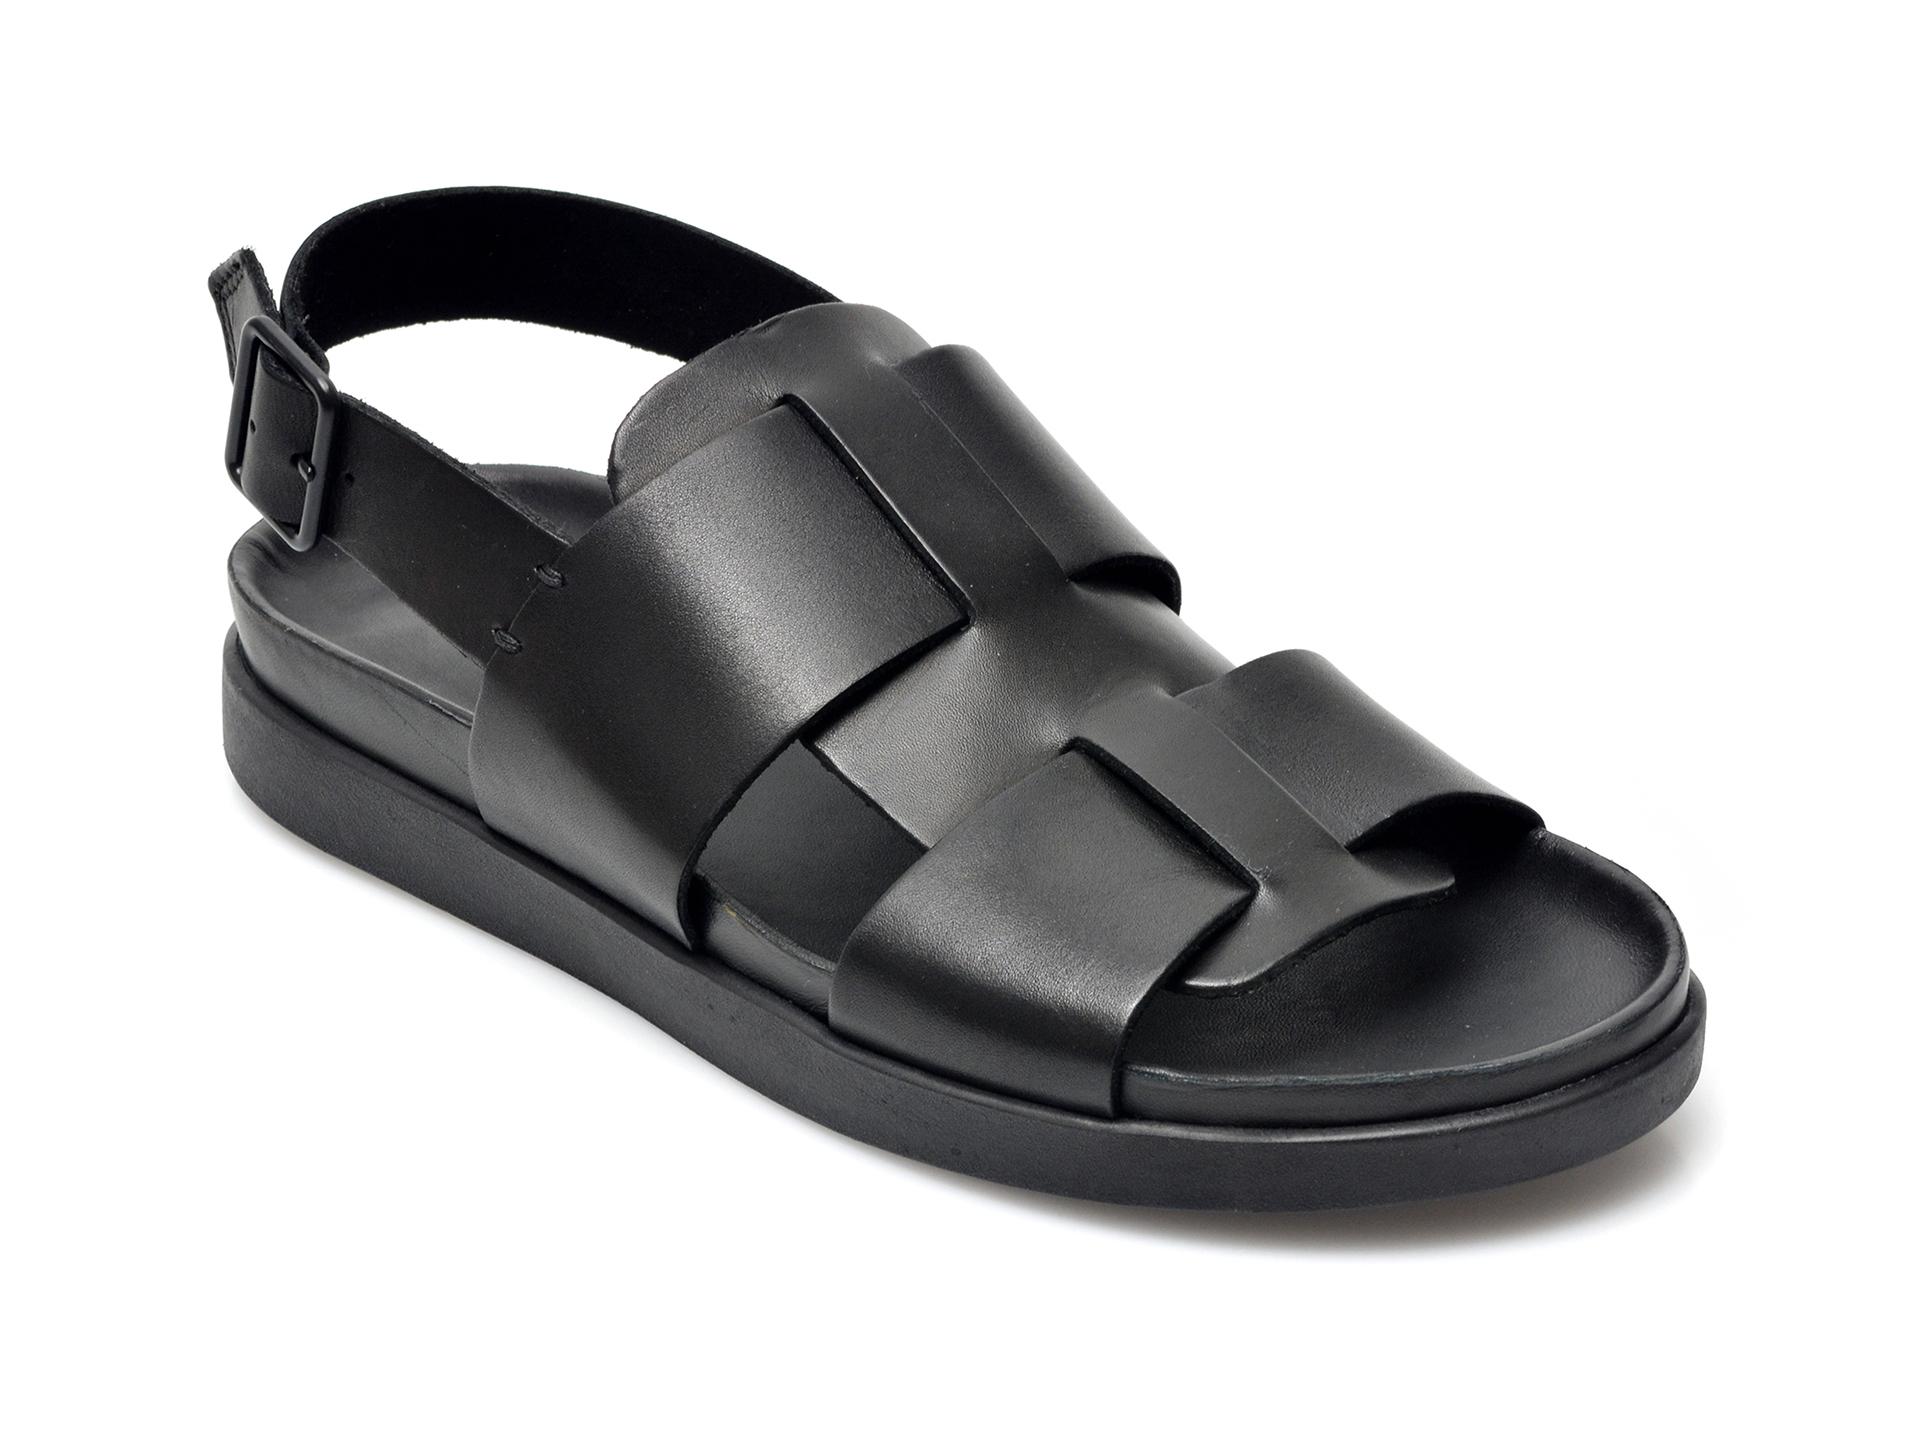 Sandale CLARKS negre, Sunder Strap, din piele naturala imagine otter.ro